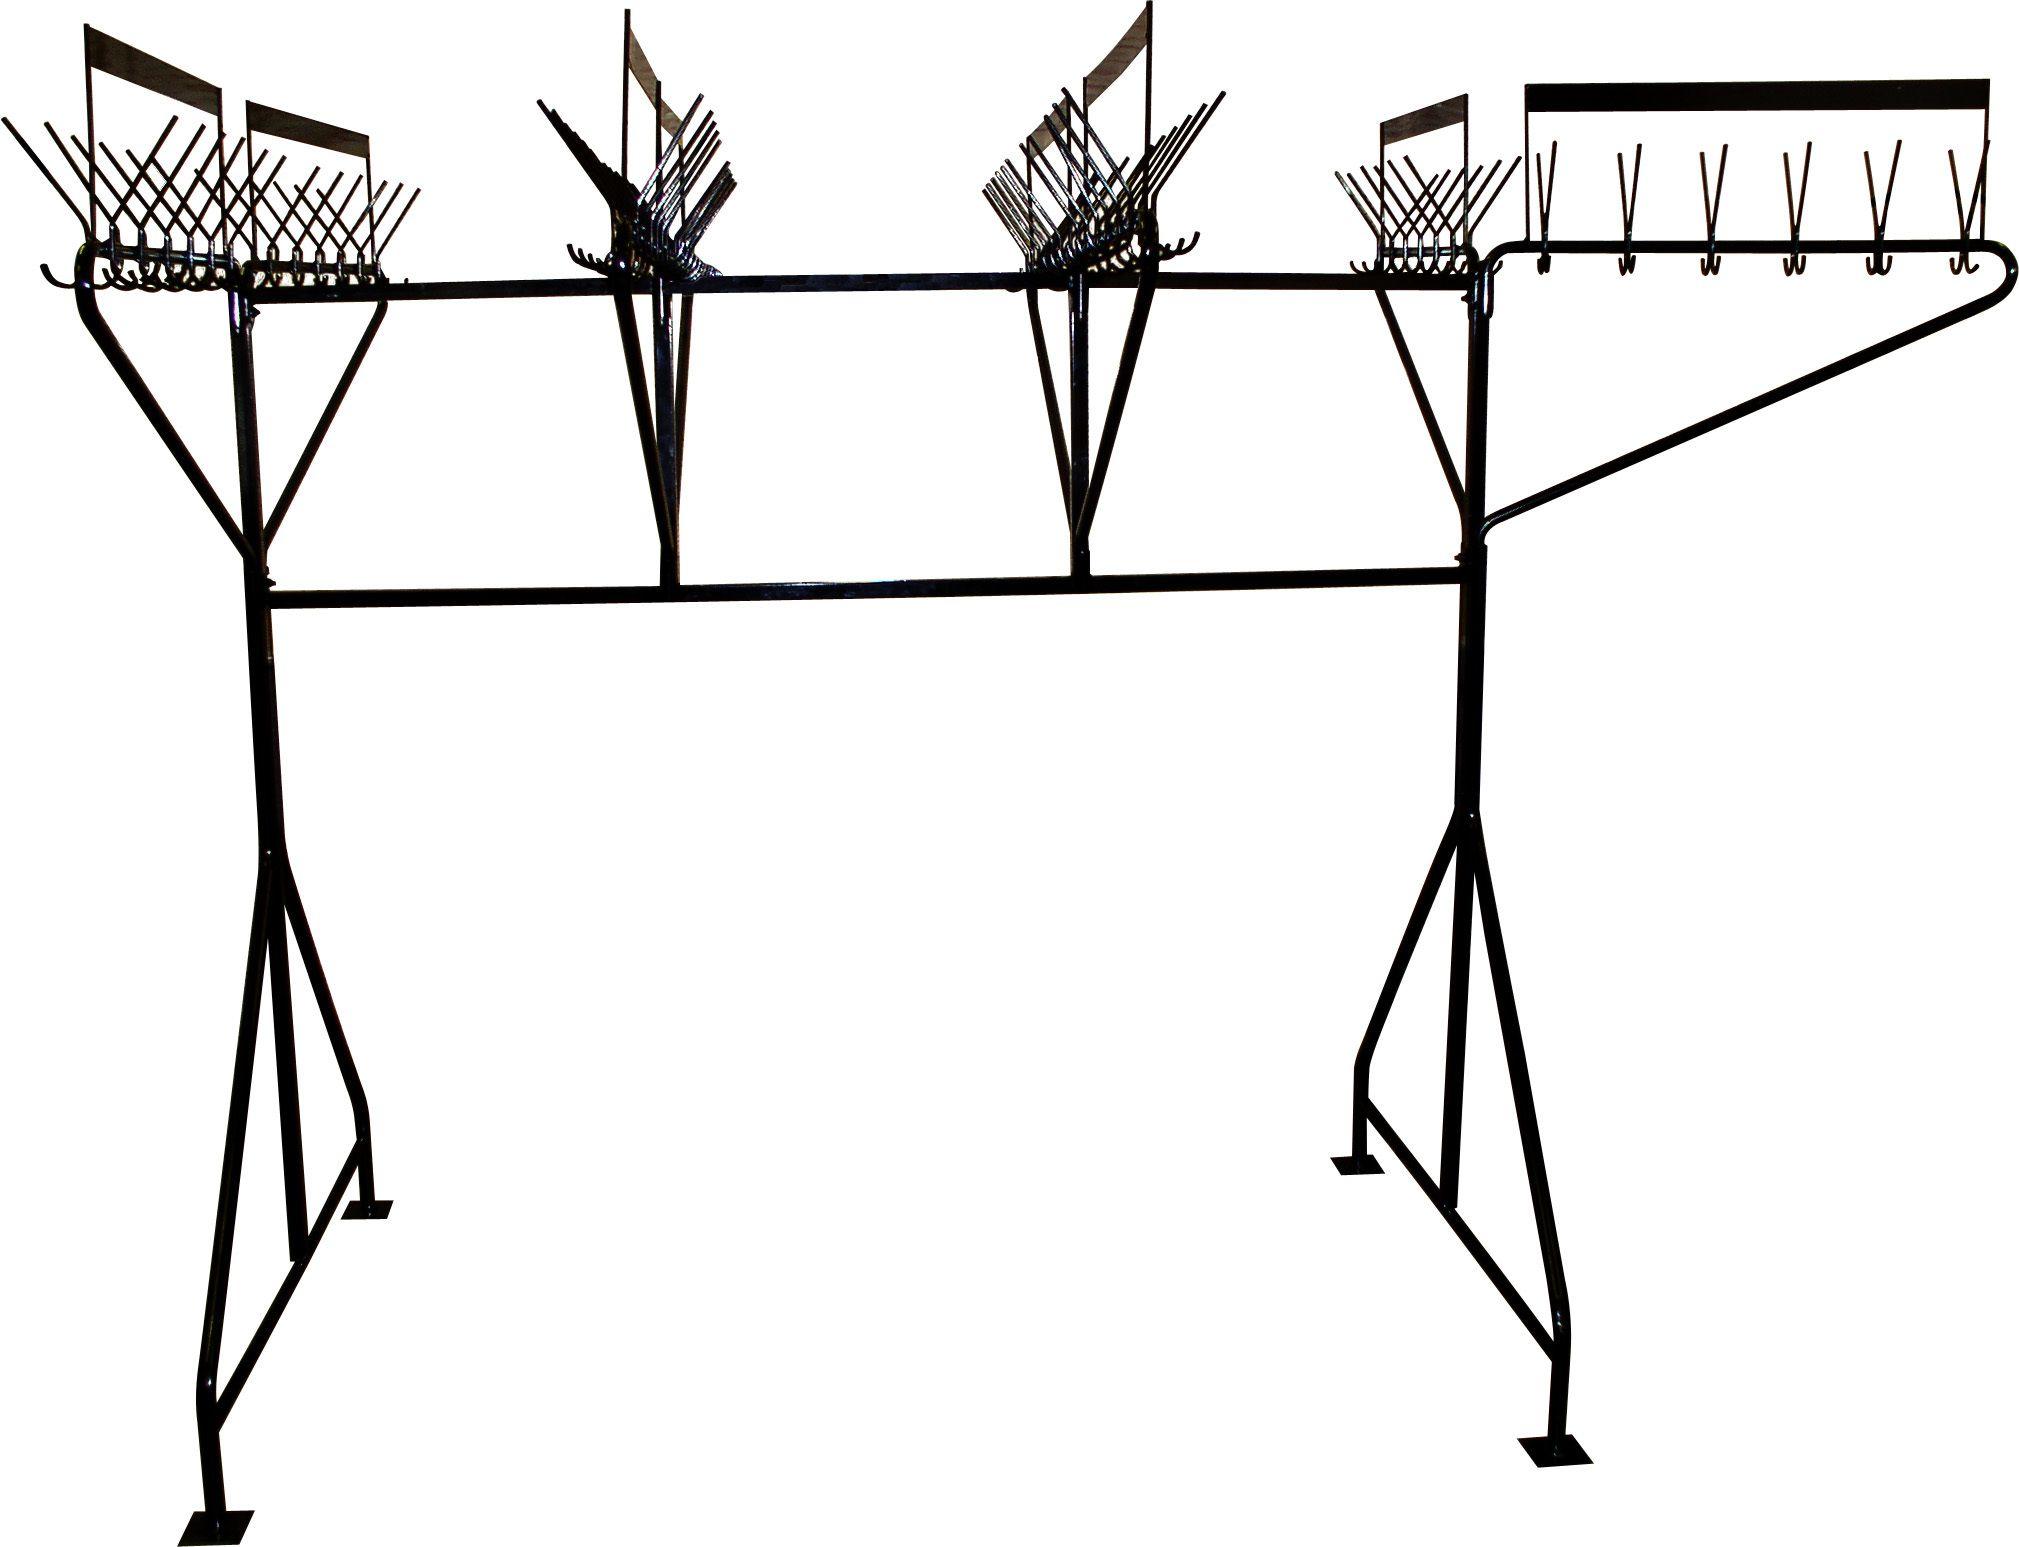 Вешалка гардеробная (арт.М163-01) черныйМебель для дома<br><br><br>Артикул: М163-01<br>Бренд: Ravta<br>Страна-изготовитель: Россия<br>Цвет: черный<br>Вид мебели: Вешалка<br>Каркас мебели: черный